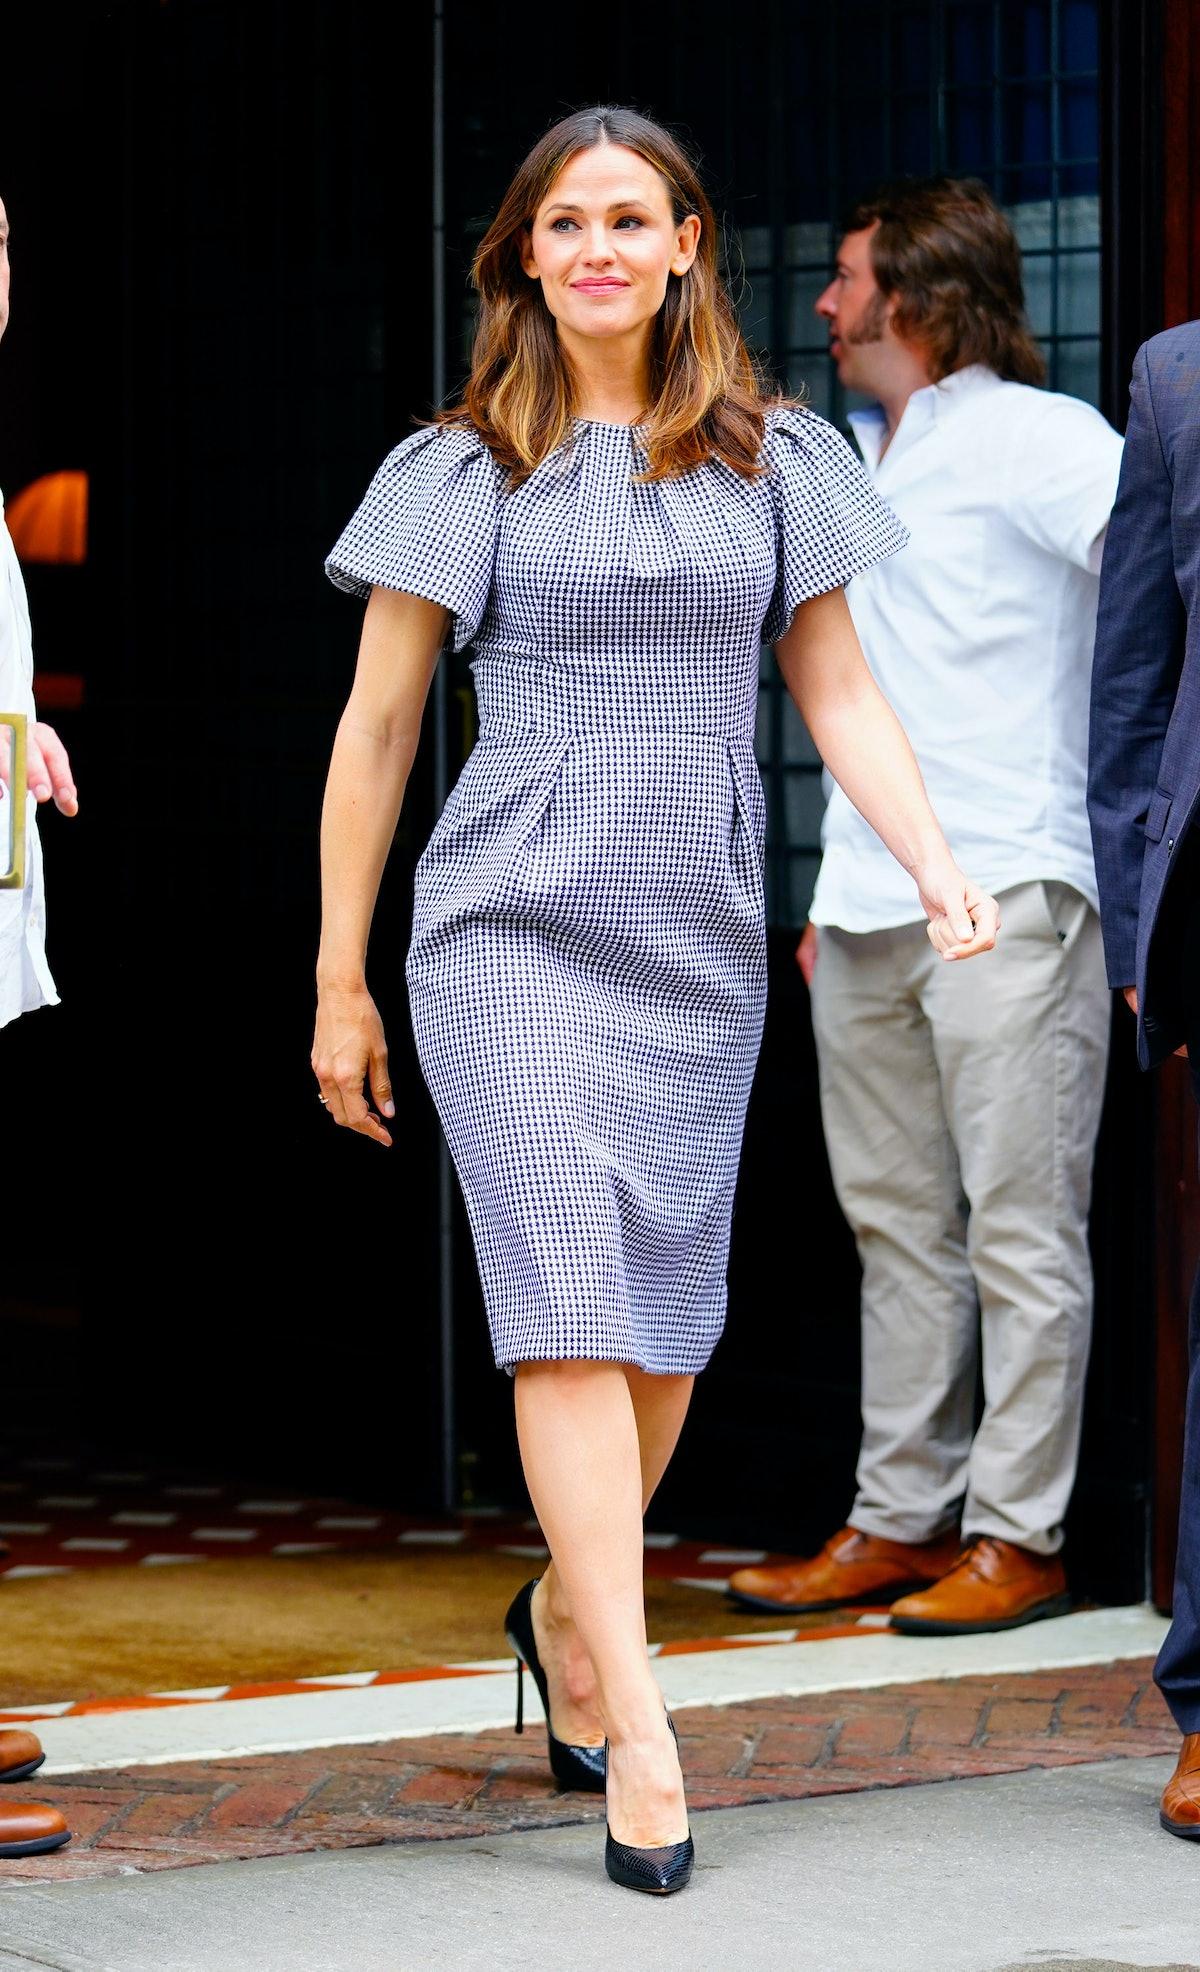 NEW YORK, NY - JUNE 18: Jennifer Garner on June 18, 2019 in New York City.